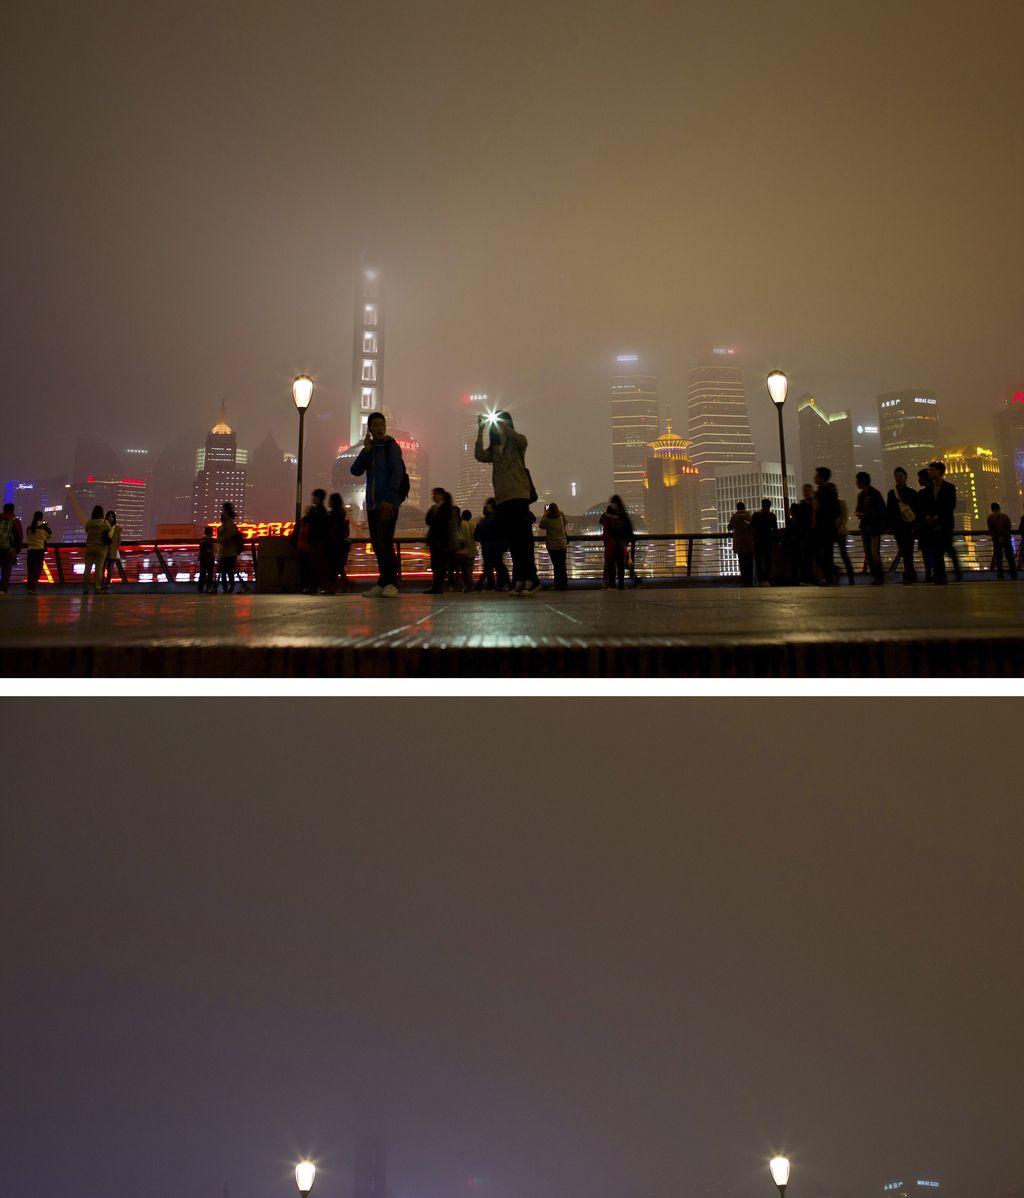 Sobre el río Huangpu, Shanghai